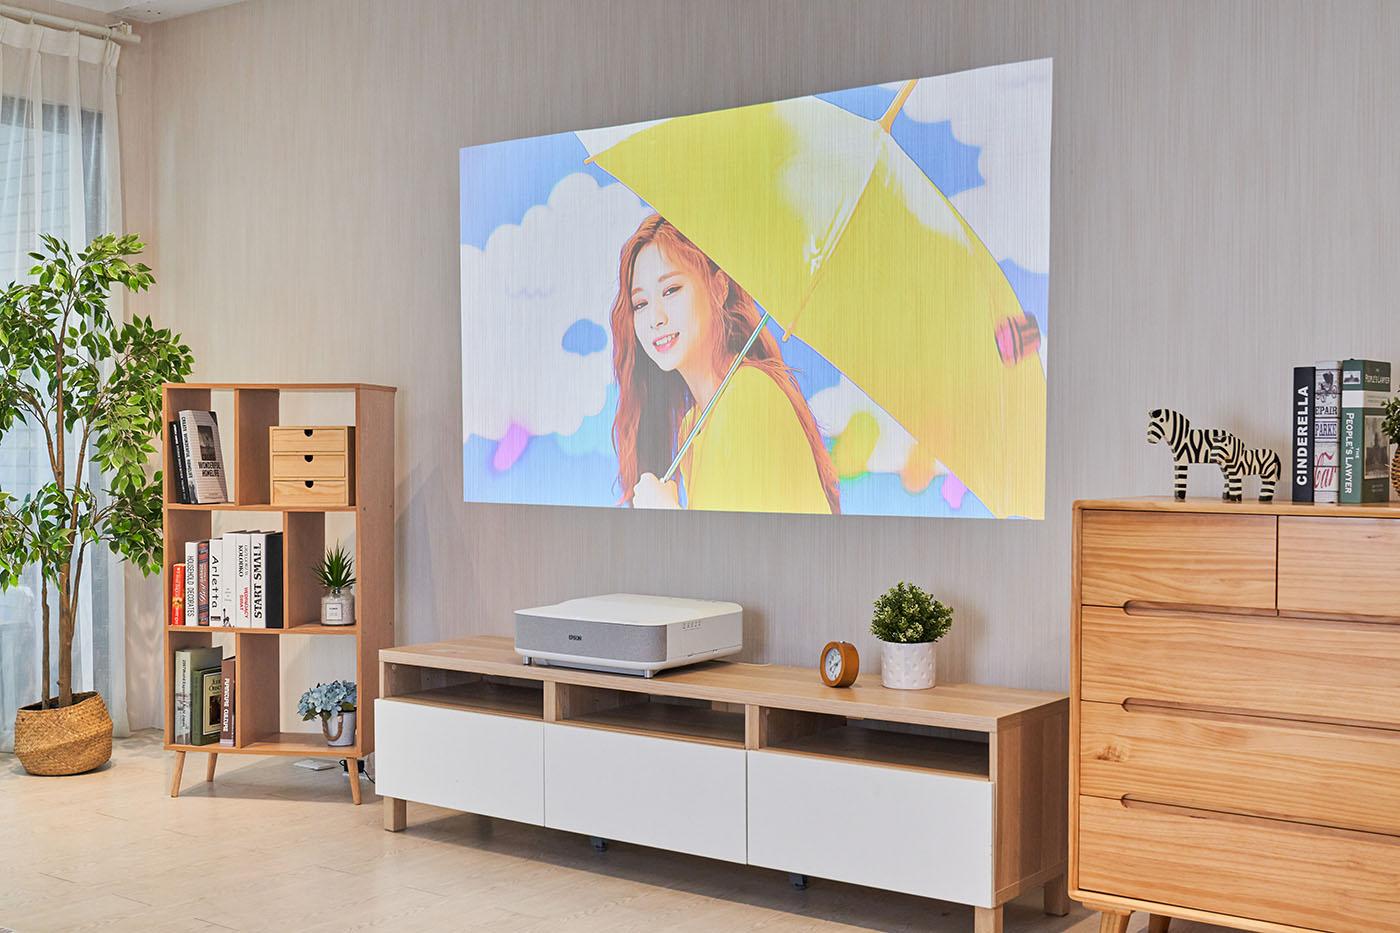 Epson EH-LS300W 國民雷射大電視第一手實測心得:無需投影幕,距離 15 公分即可放映 80 吋大畫面!